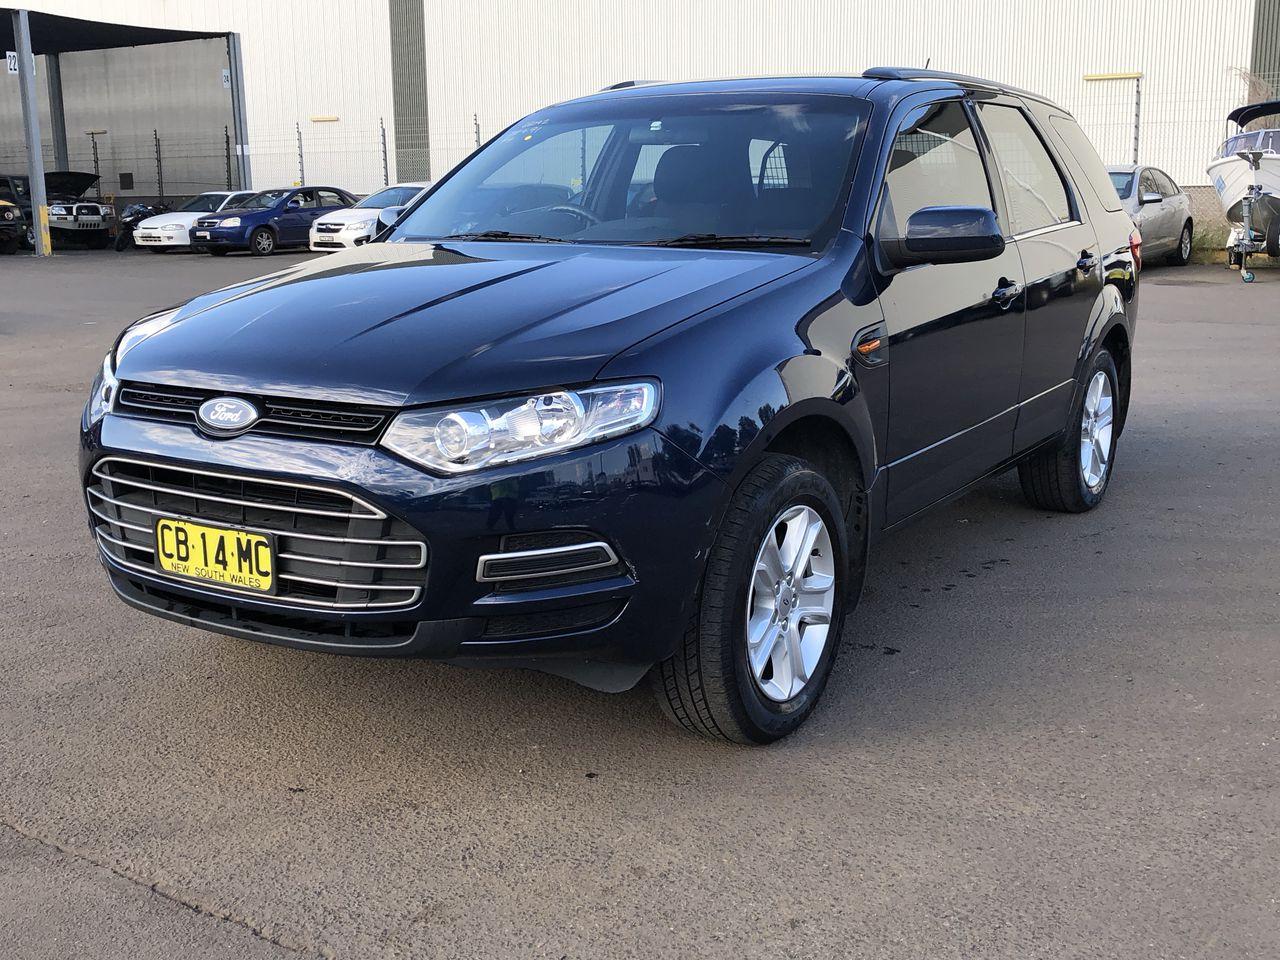 2014 Ford Territory TX (RWD) SZ Automatic Wagon